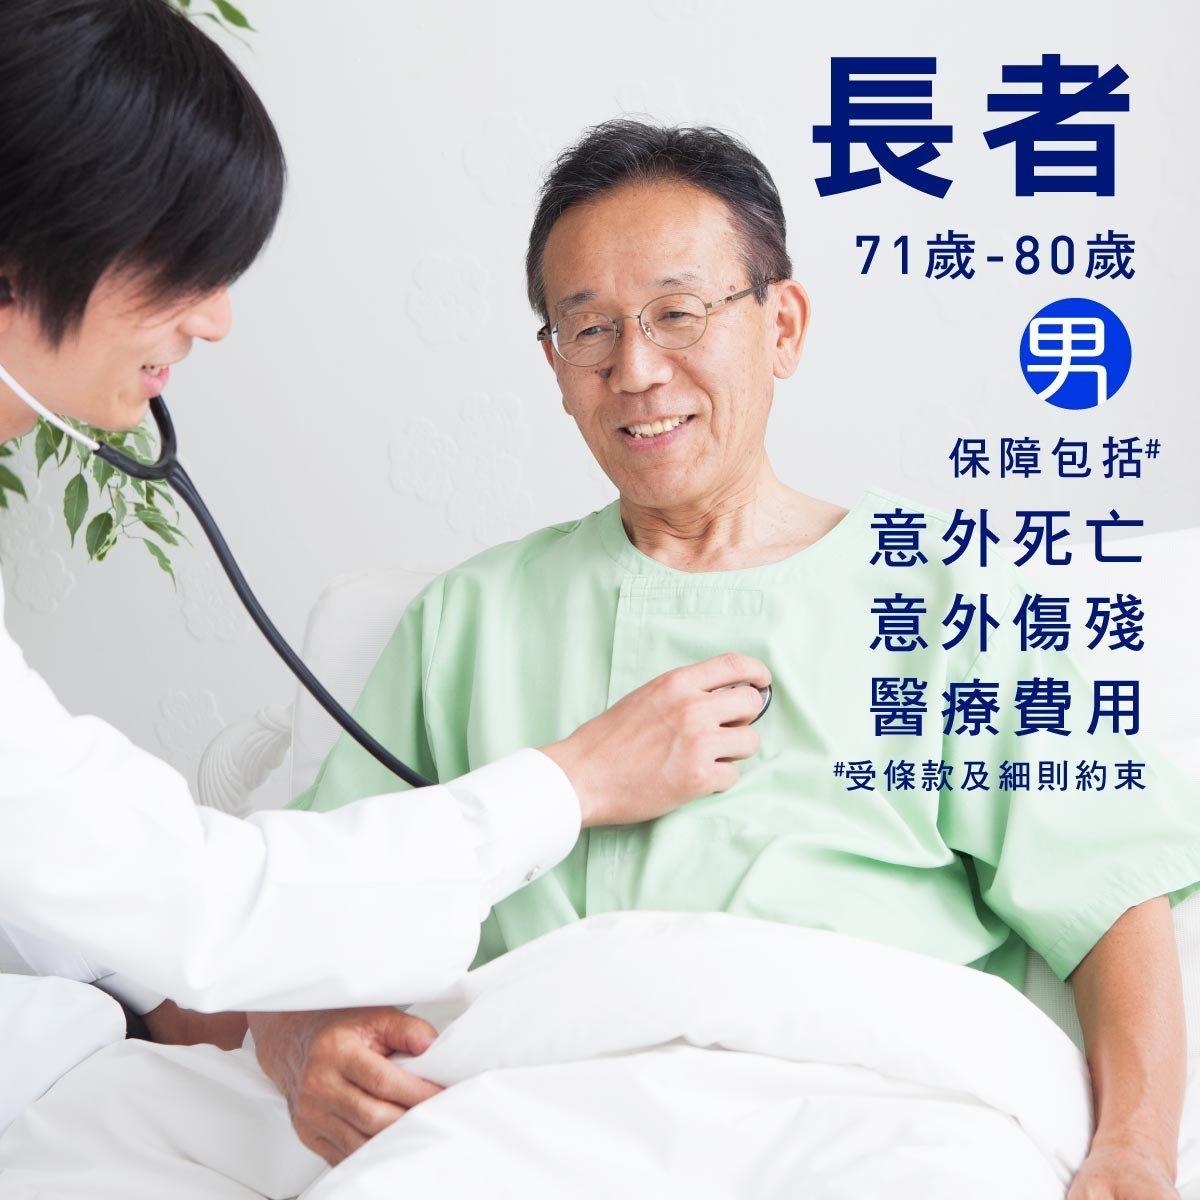 個人意外保險 (男) - 71至80歲